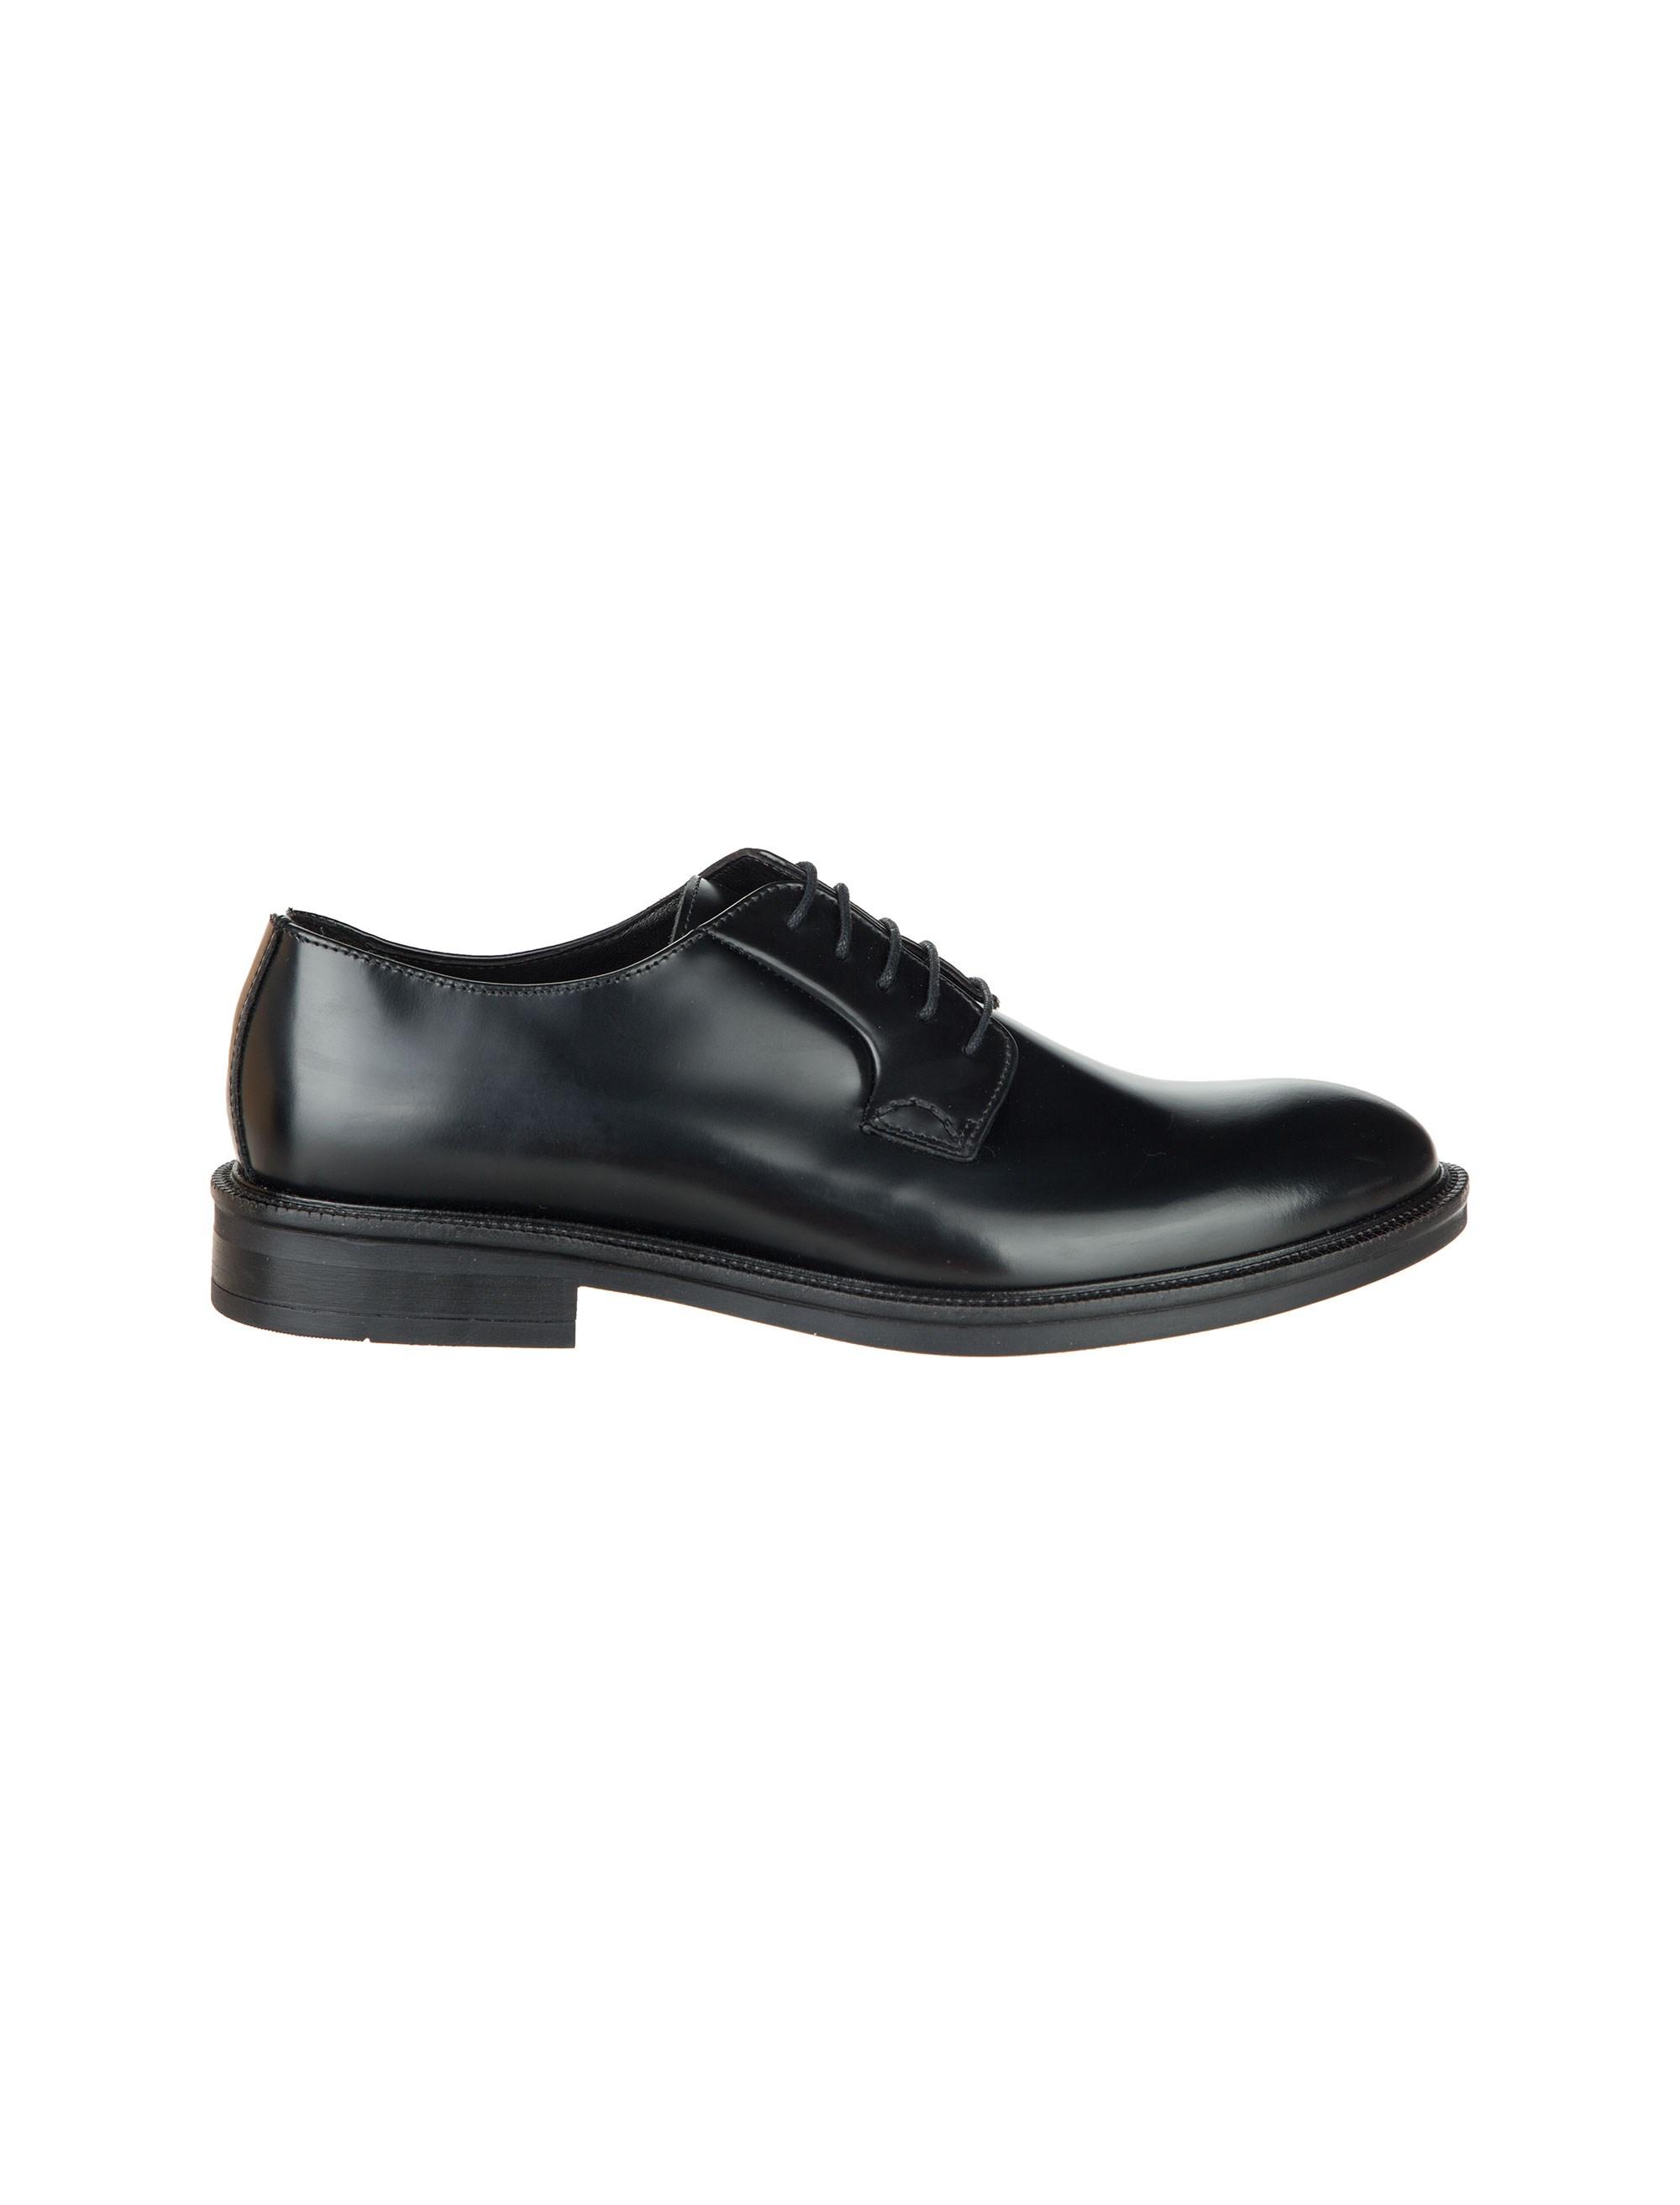 قیمت کفش اداری چرم مردانه - مانگو